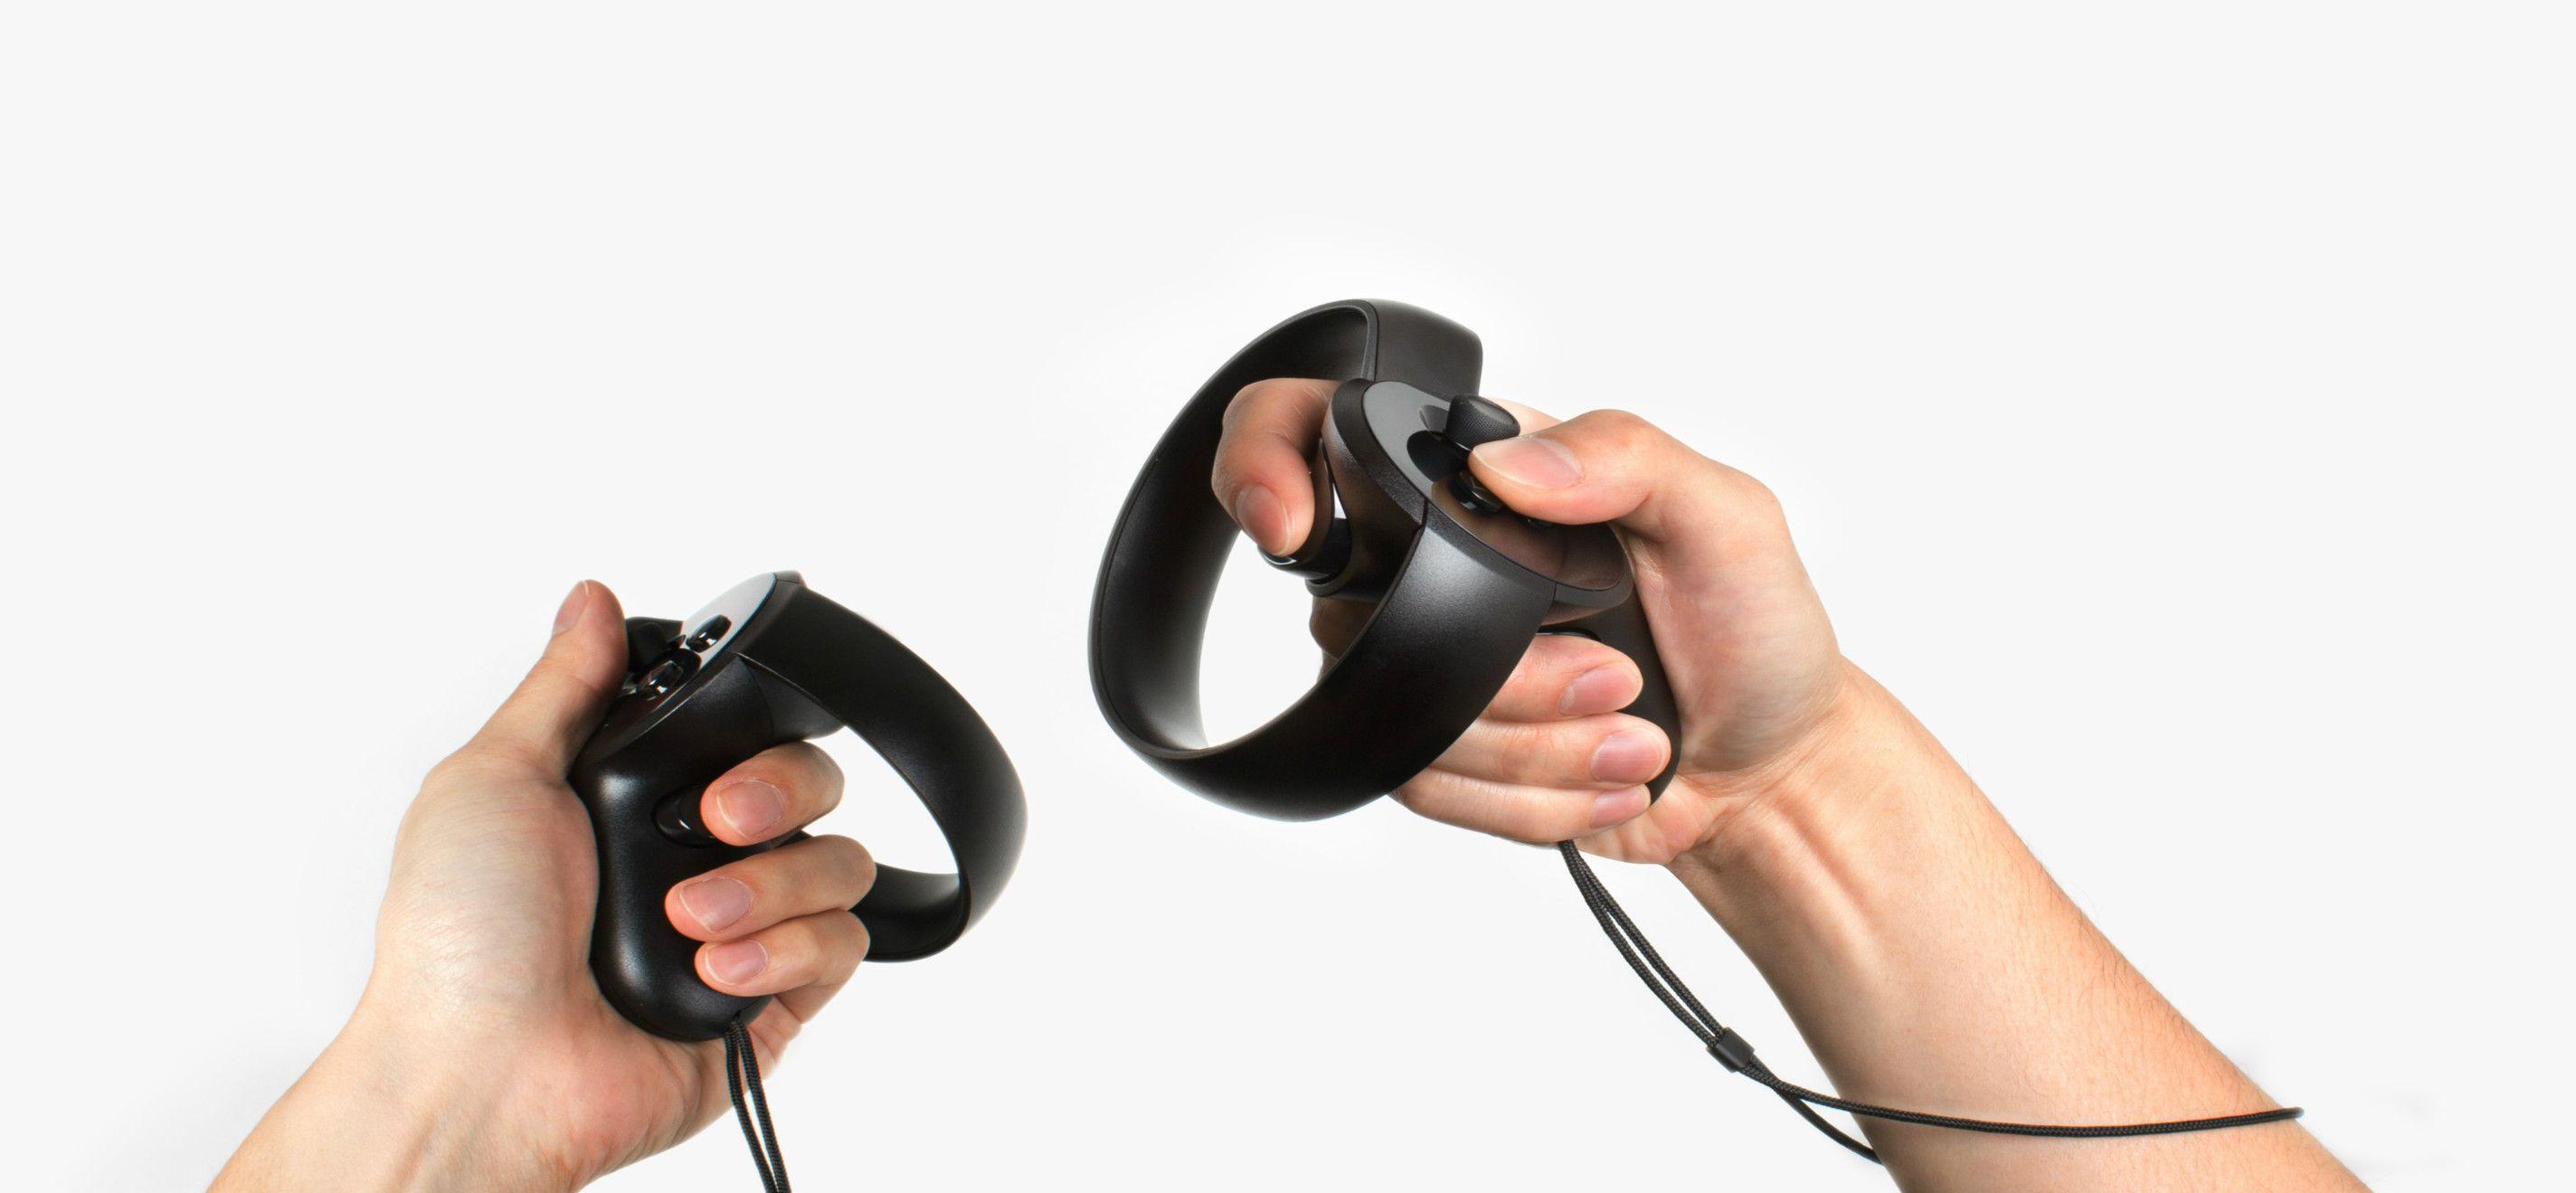 Oculus Rift(Oculus社)はPCと繋げて使うタイプ(上)。環境映像やゲームなどのコンテンツをネットからダウンロードして楽しめる。手や指の動きを検知するOculus Touch(下)を使えば、VR上の物を掴んだり投げたりできるだけでなく、サムズアップなどの動作も可能にする。